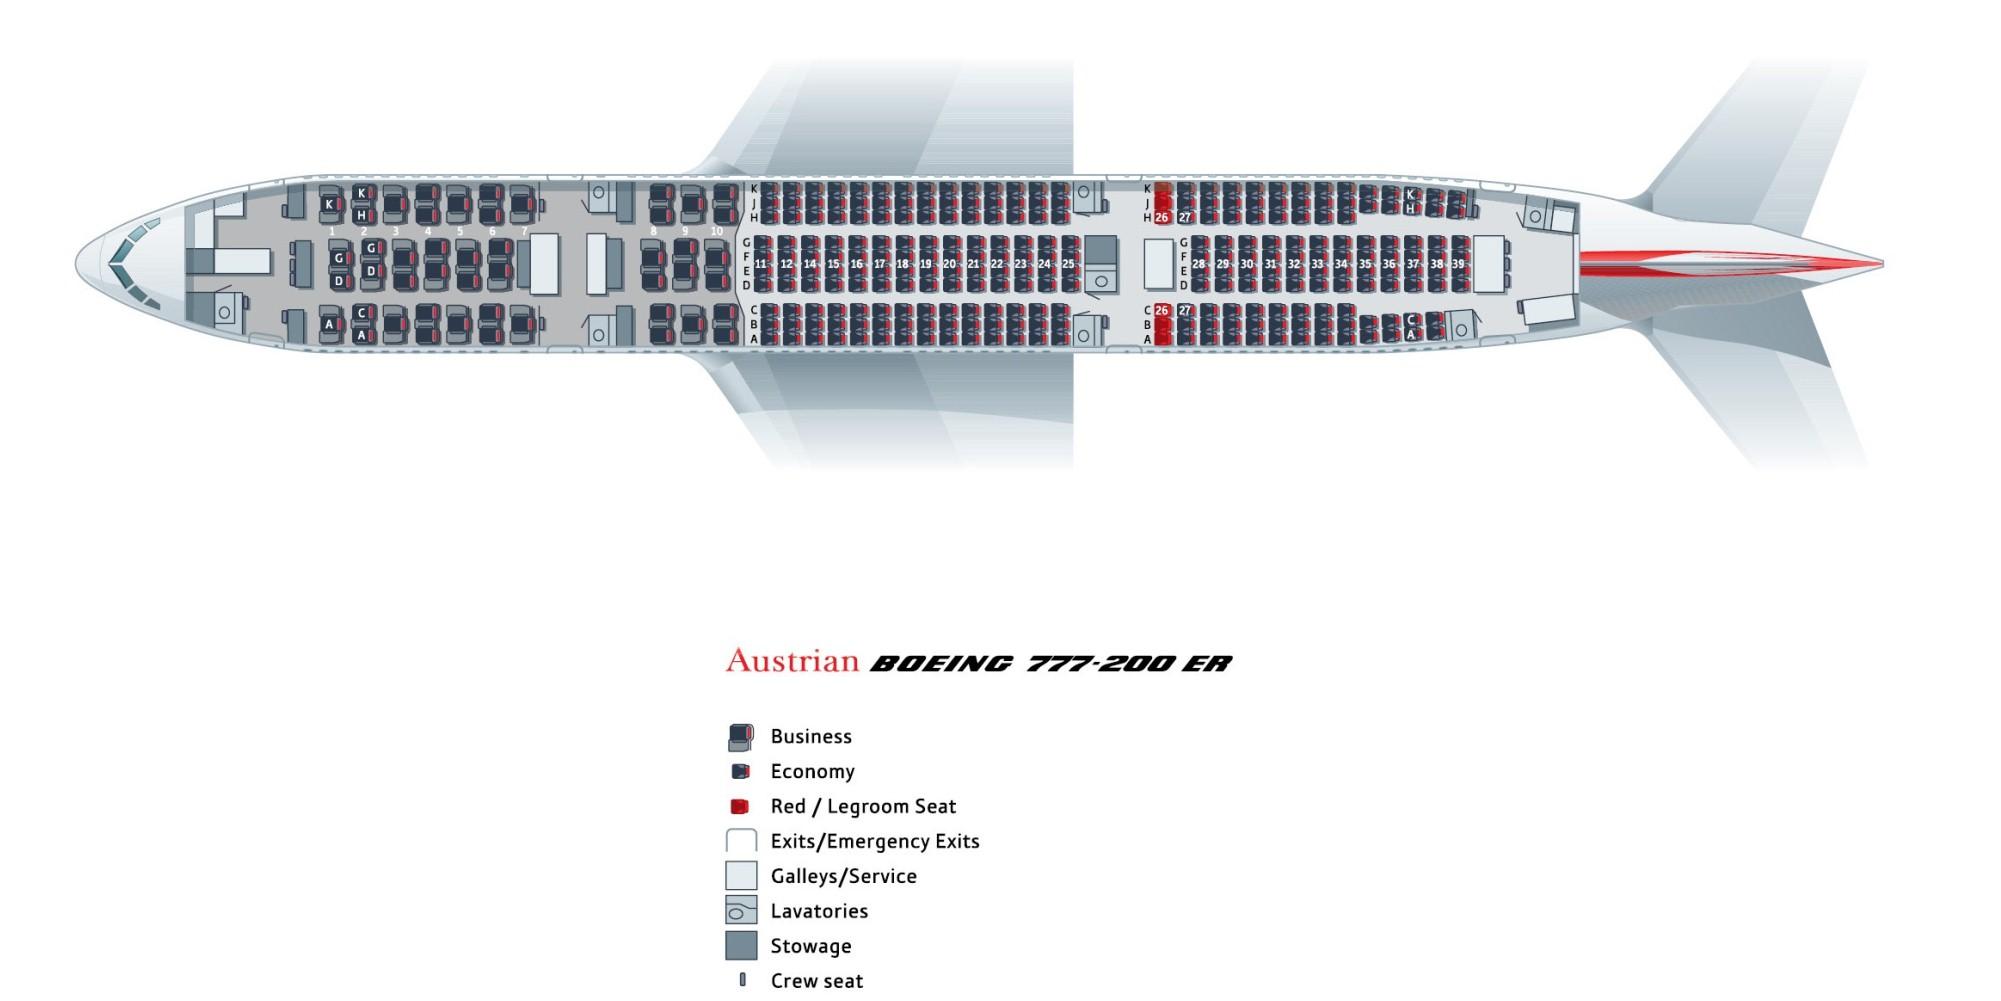 Boeing 777-200 ER